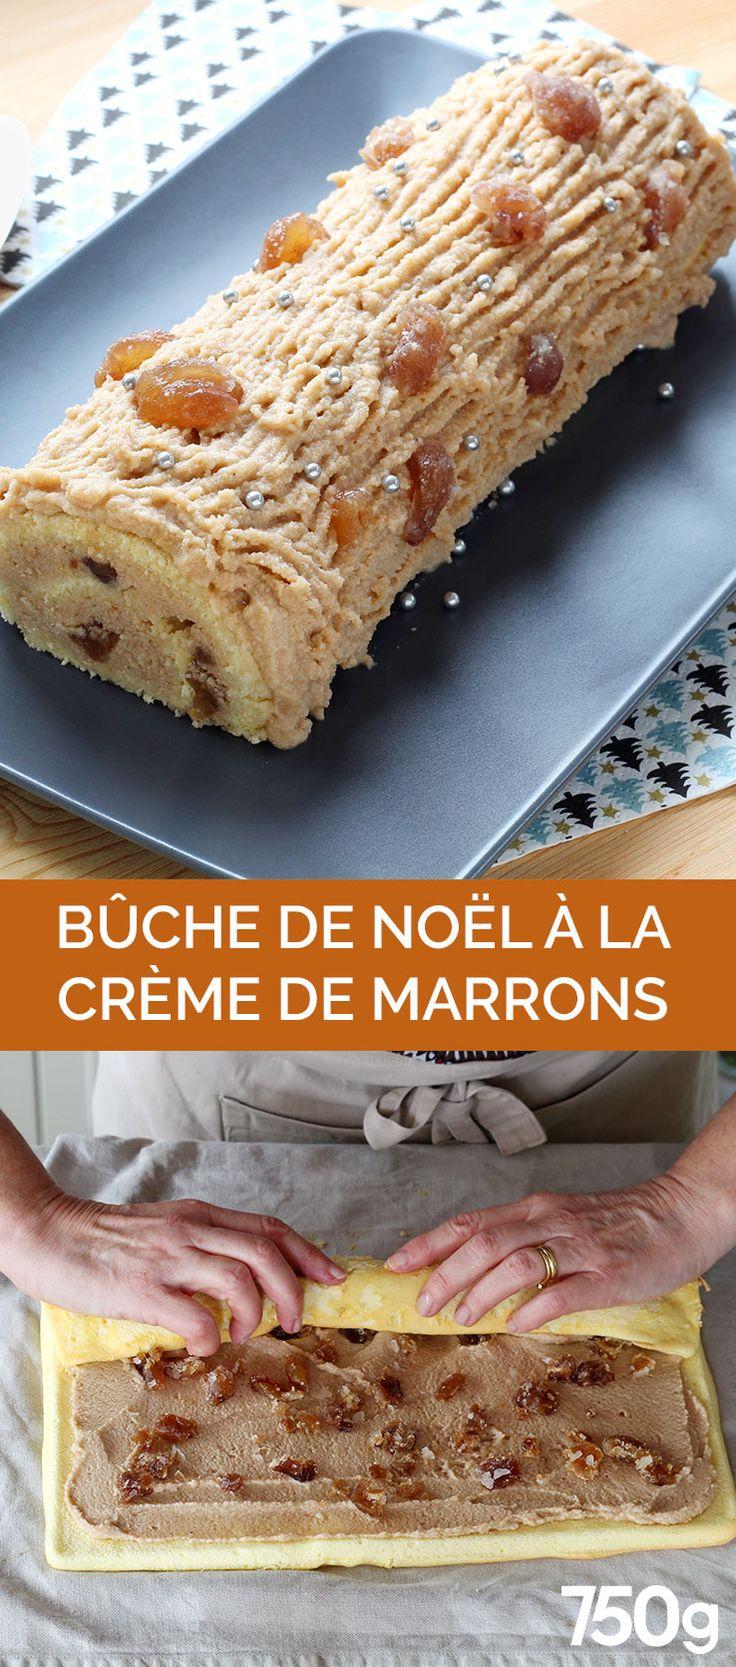 Une Bûche de Noël à la crème de marrons.